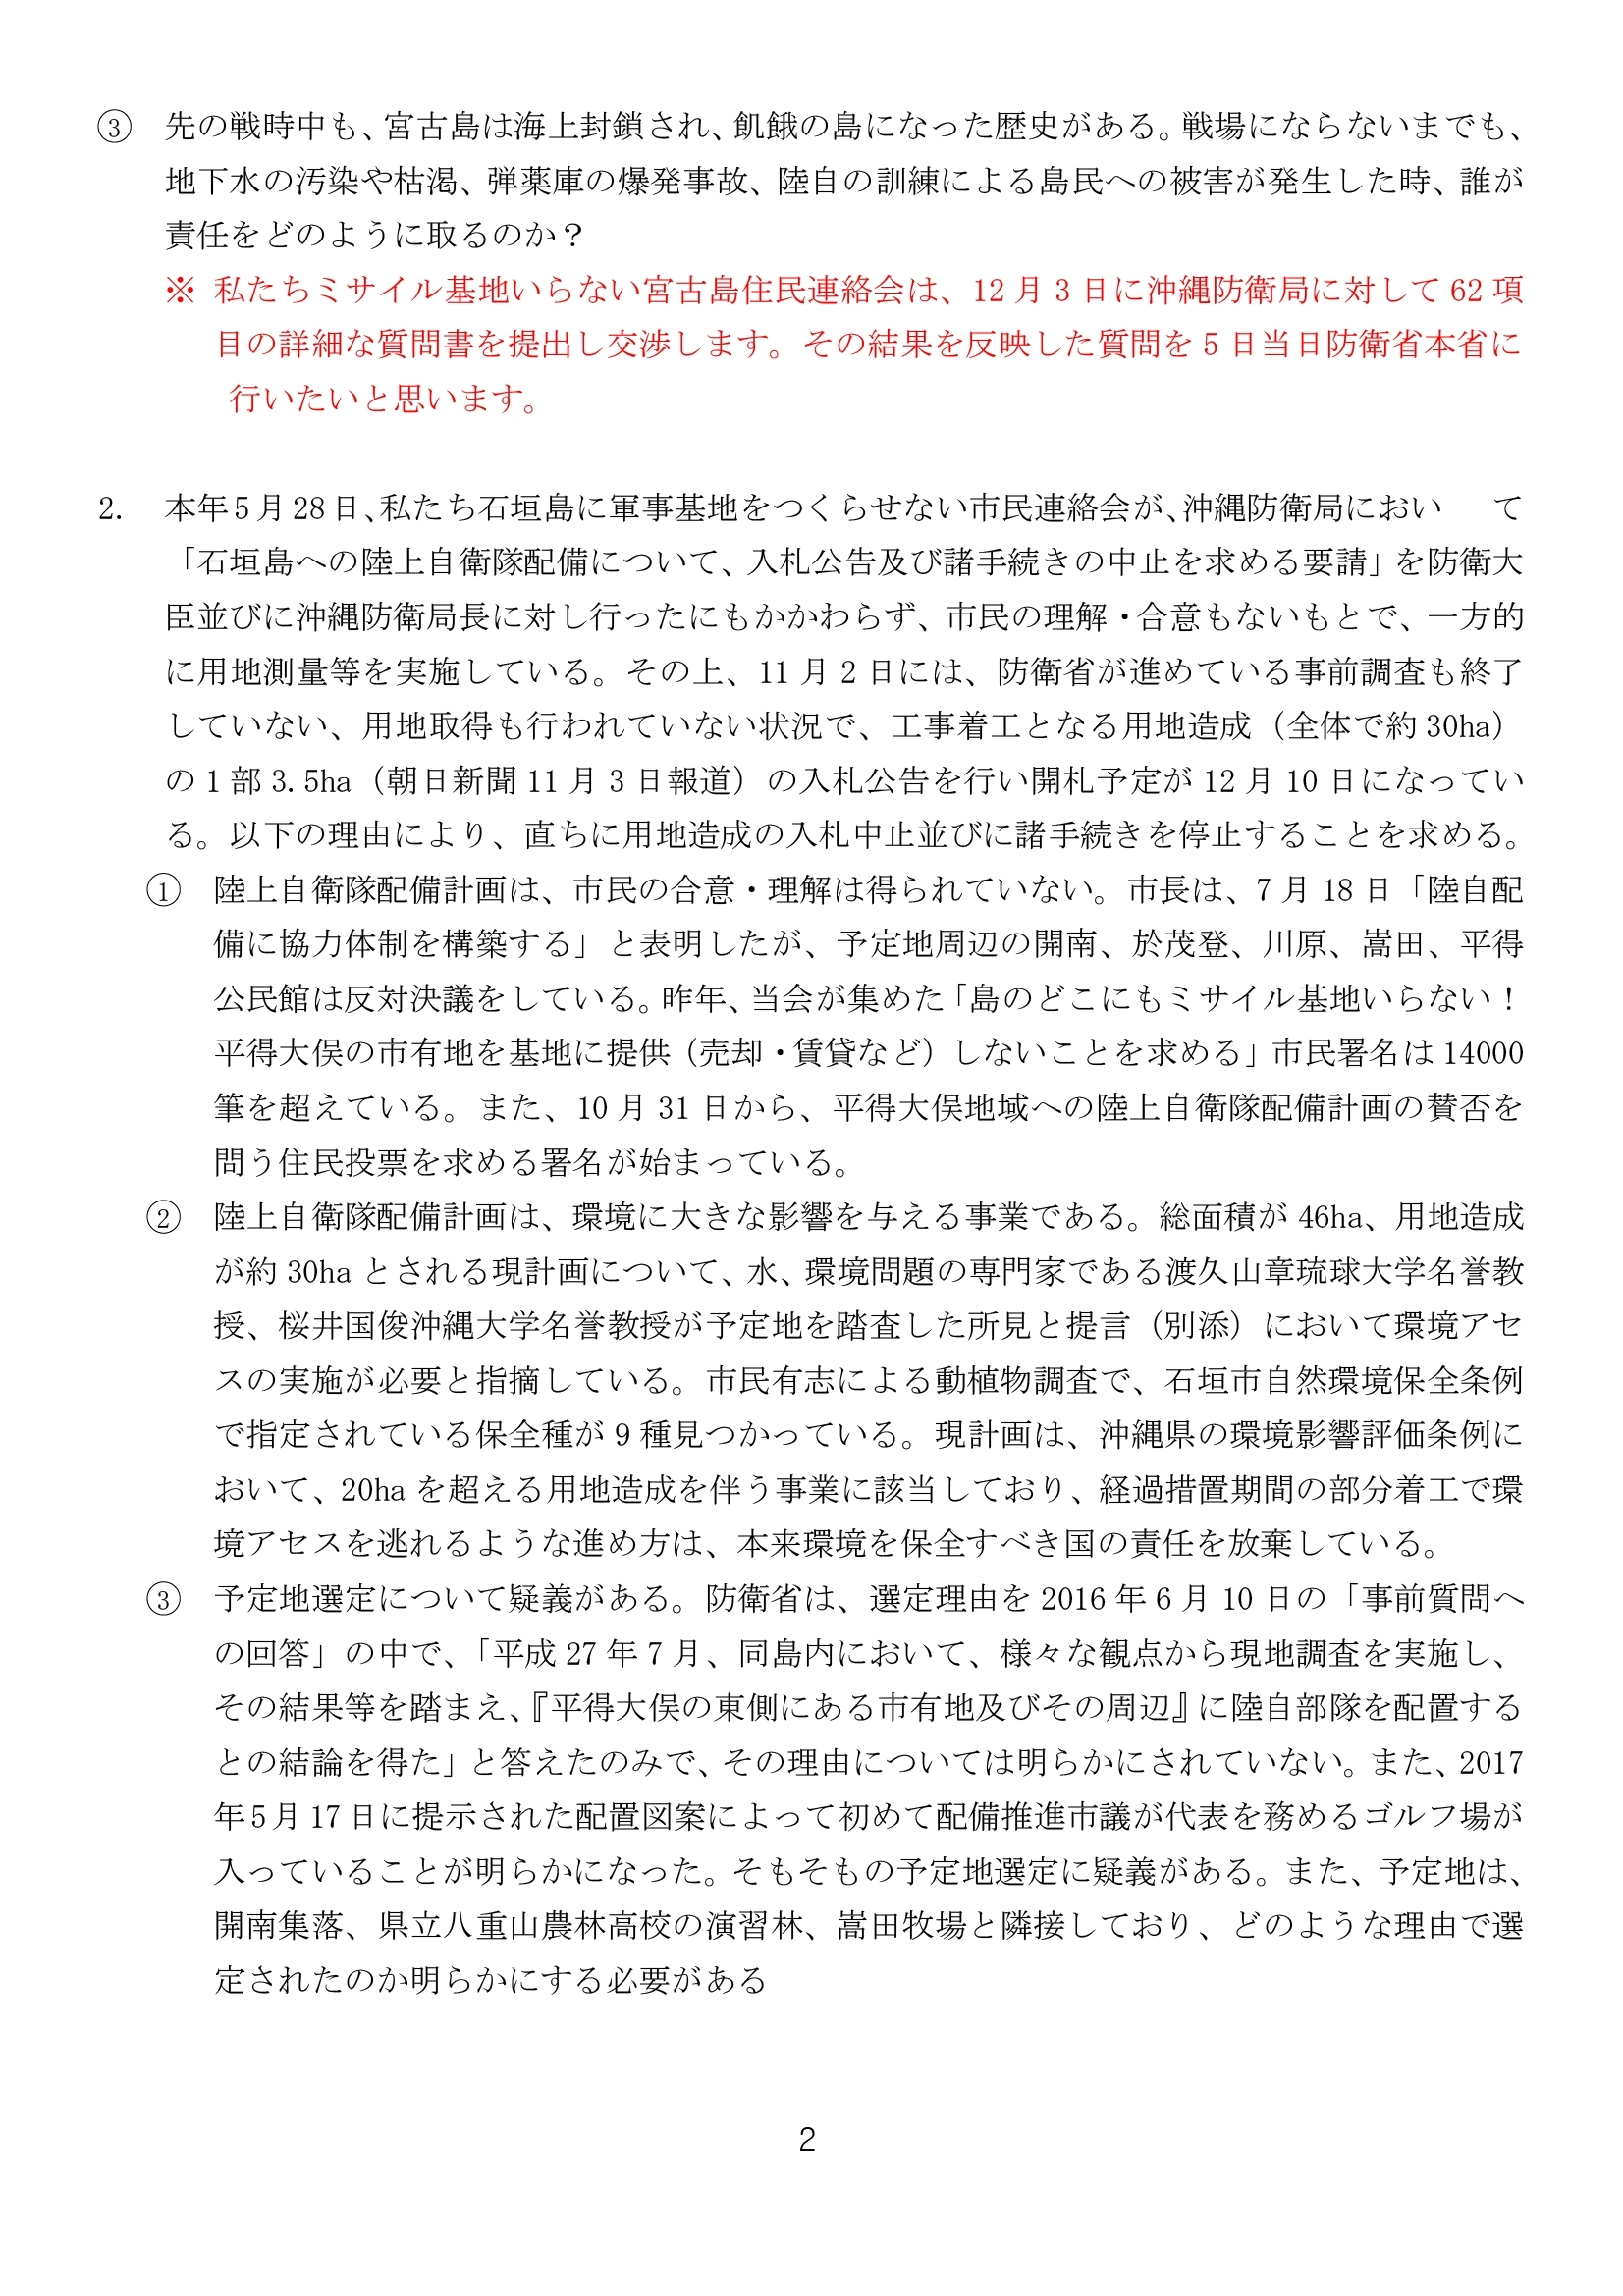 12月政府交渉要請書0002